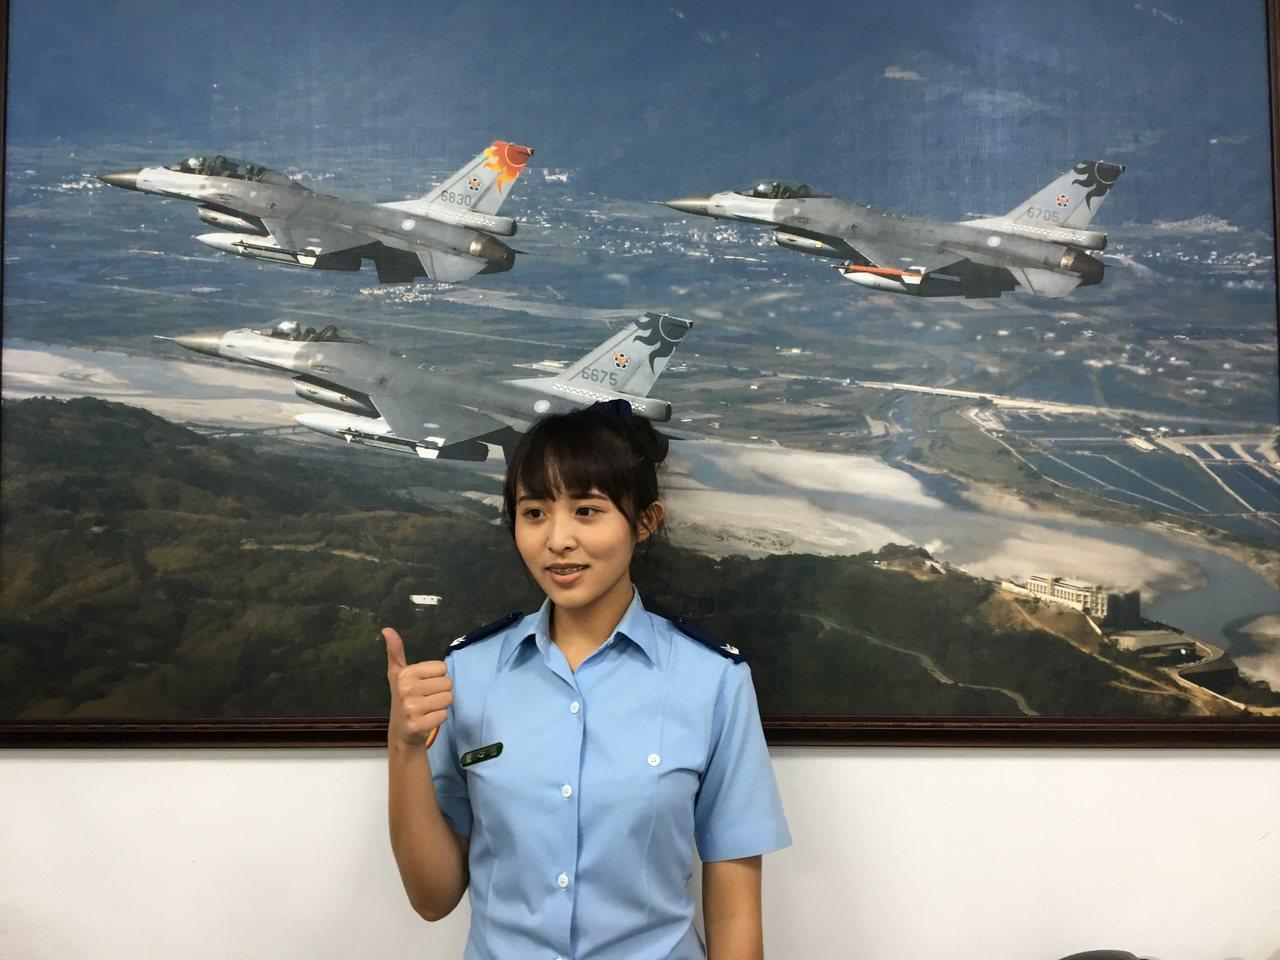 負責招募業務的空軍下士藍心慈,高職畢業後即投入軍職,今年已4年,不僅買了一台車,...